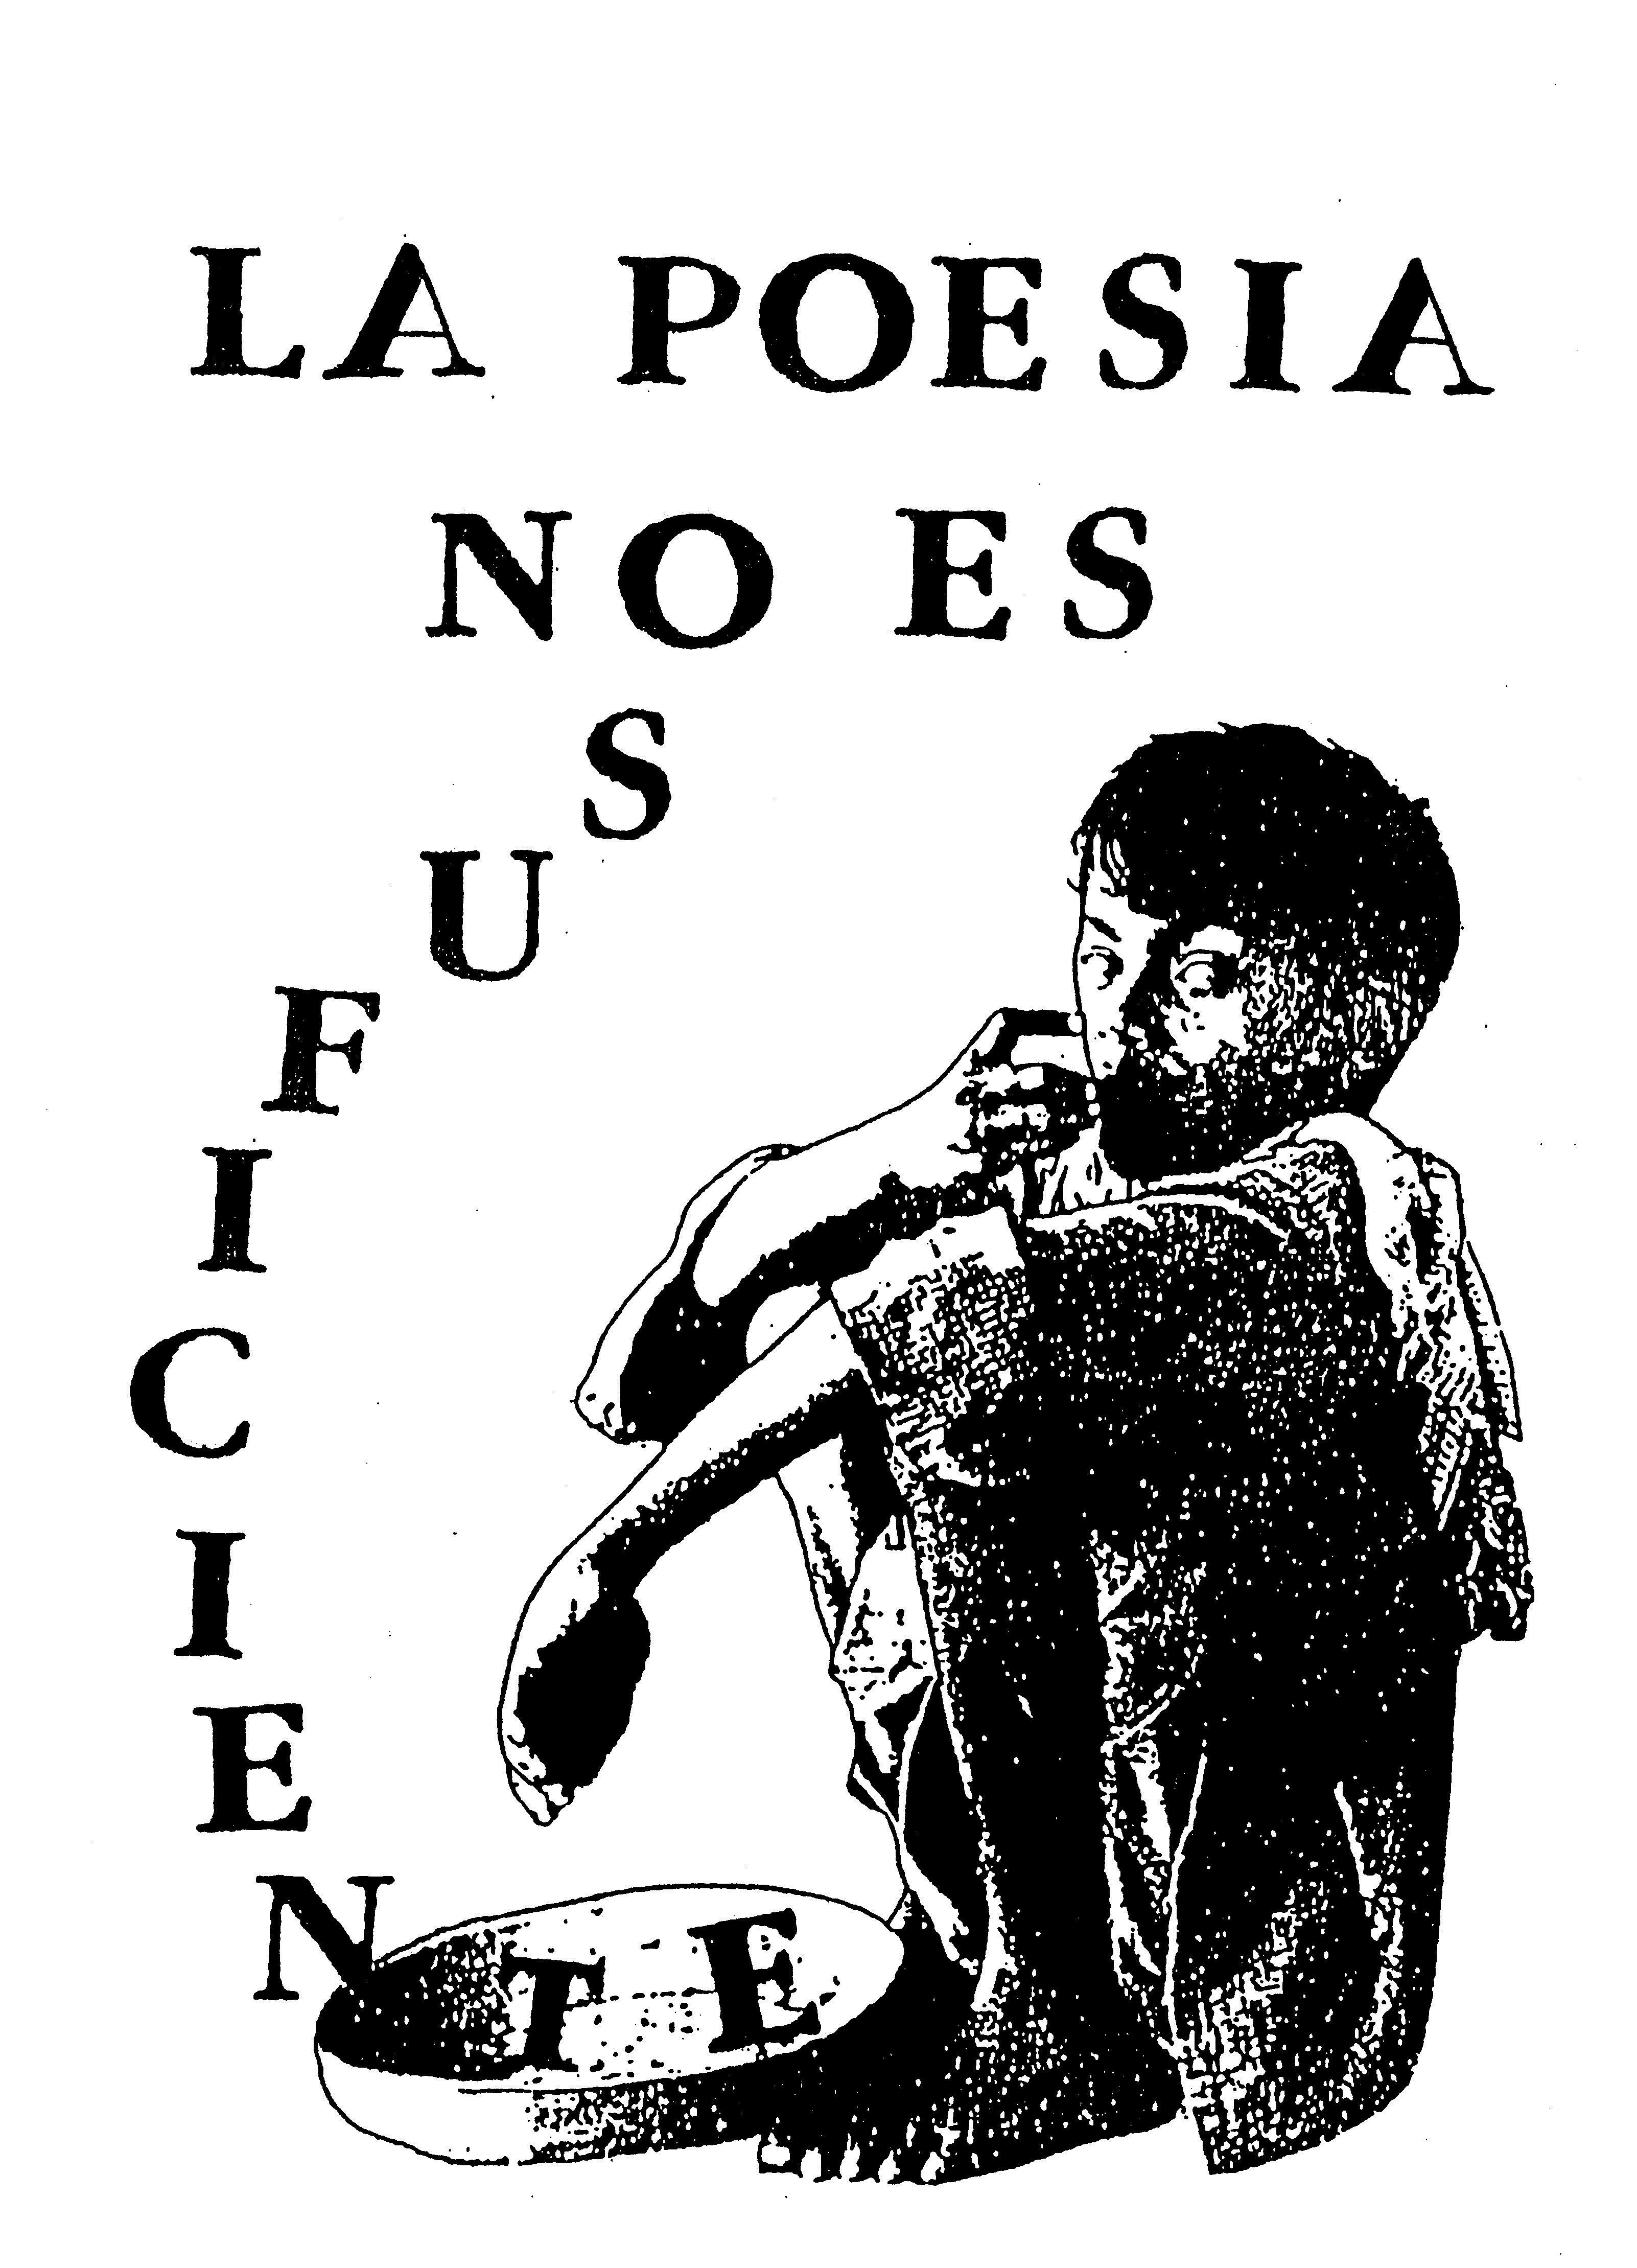 LaPoesia